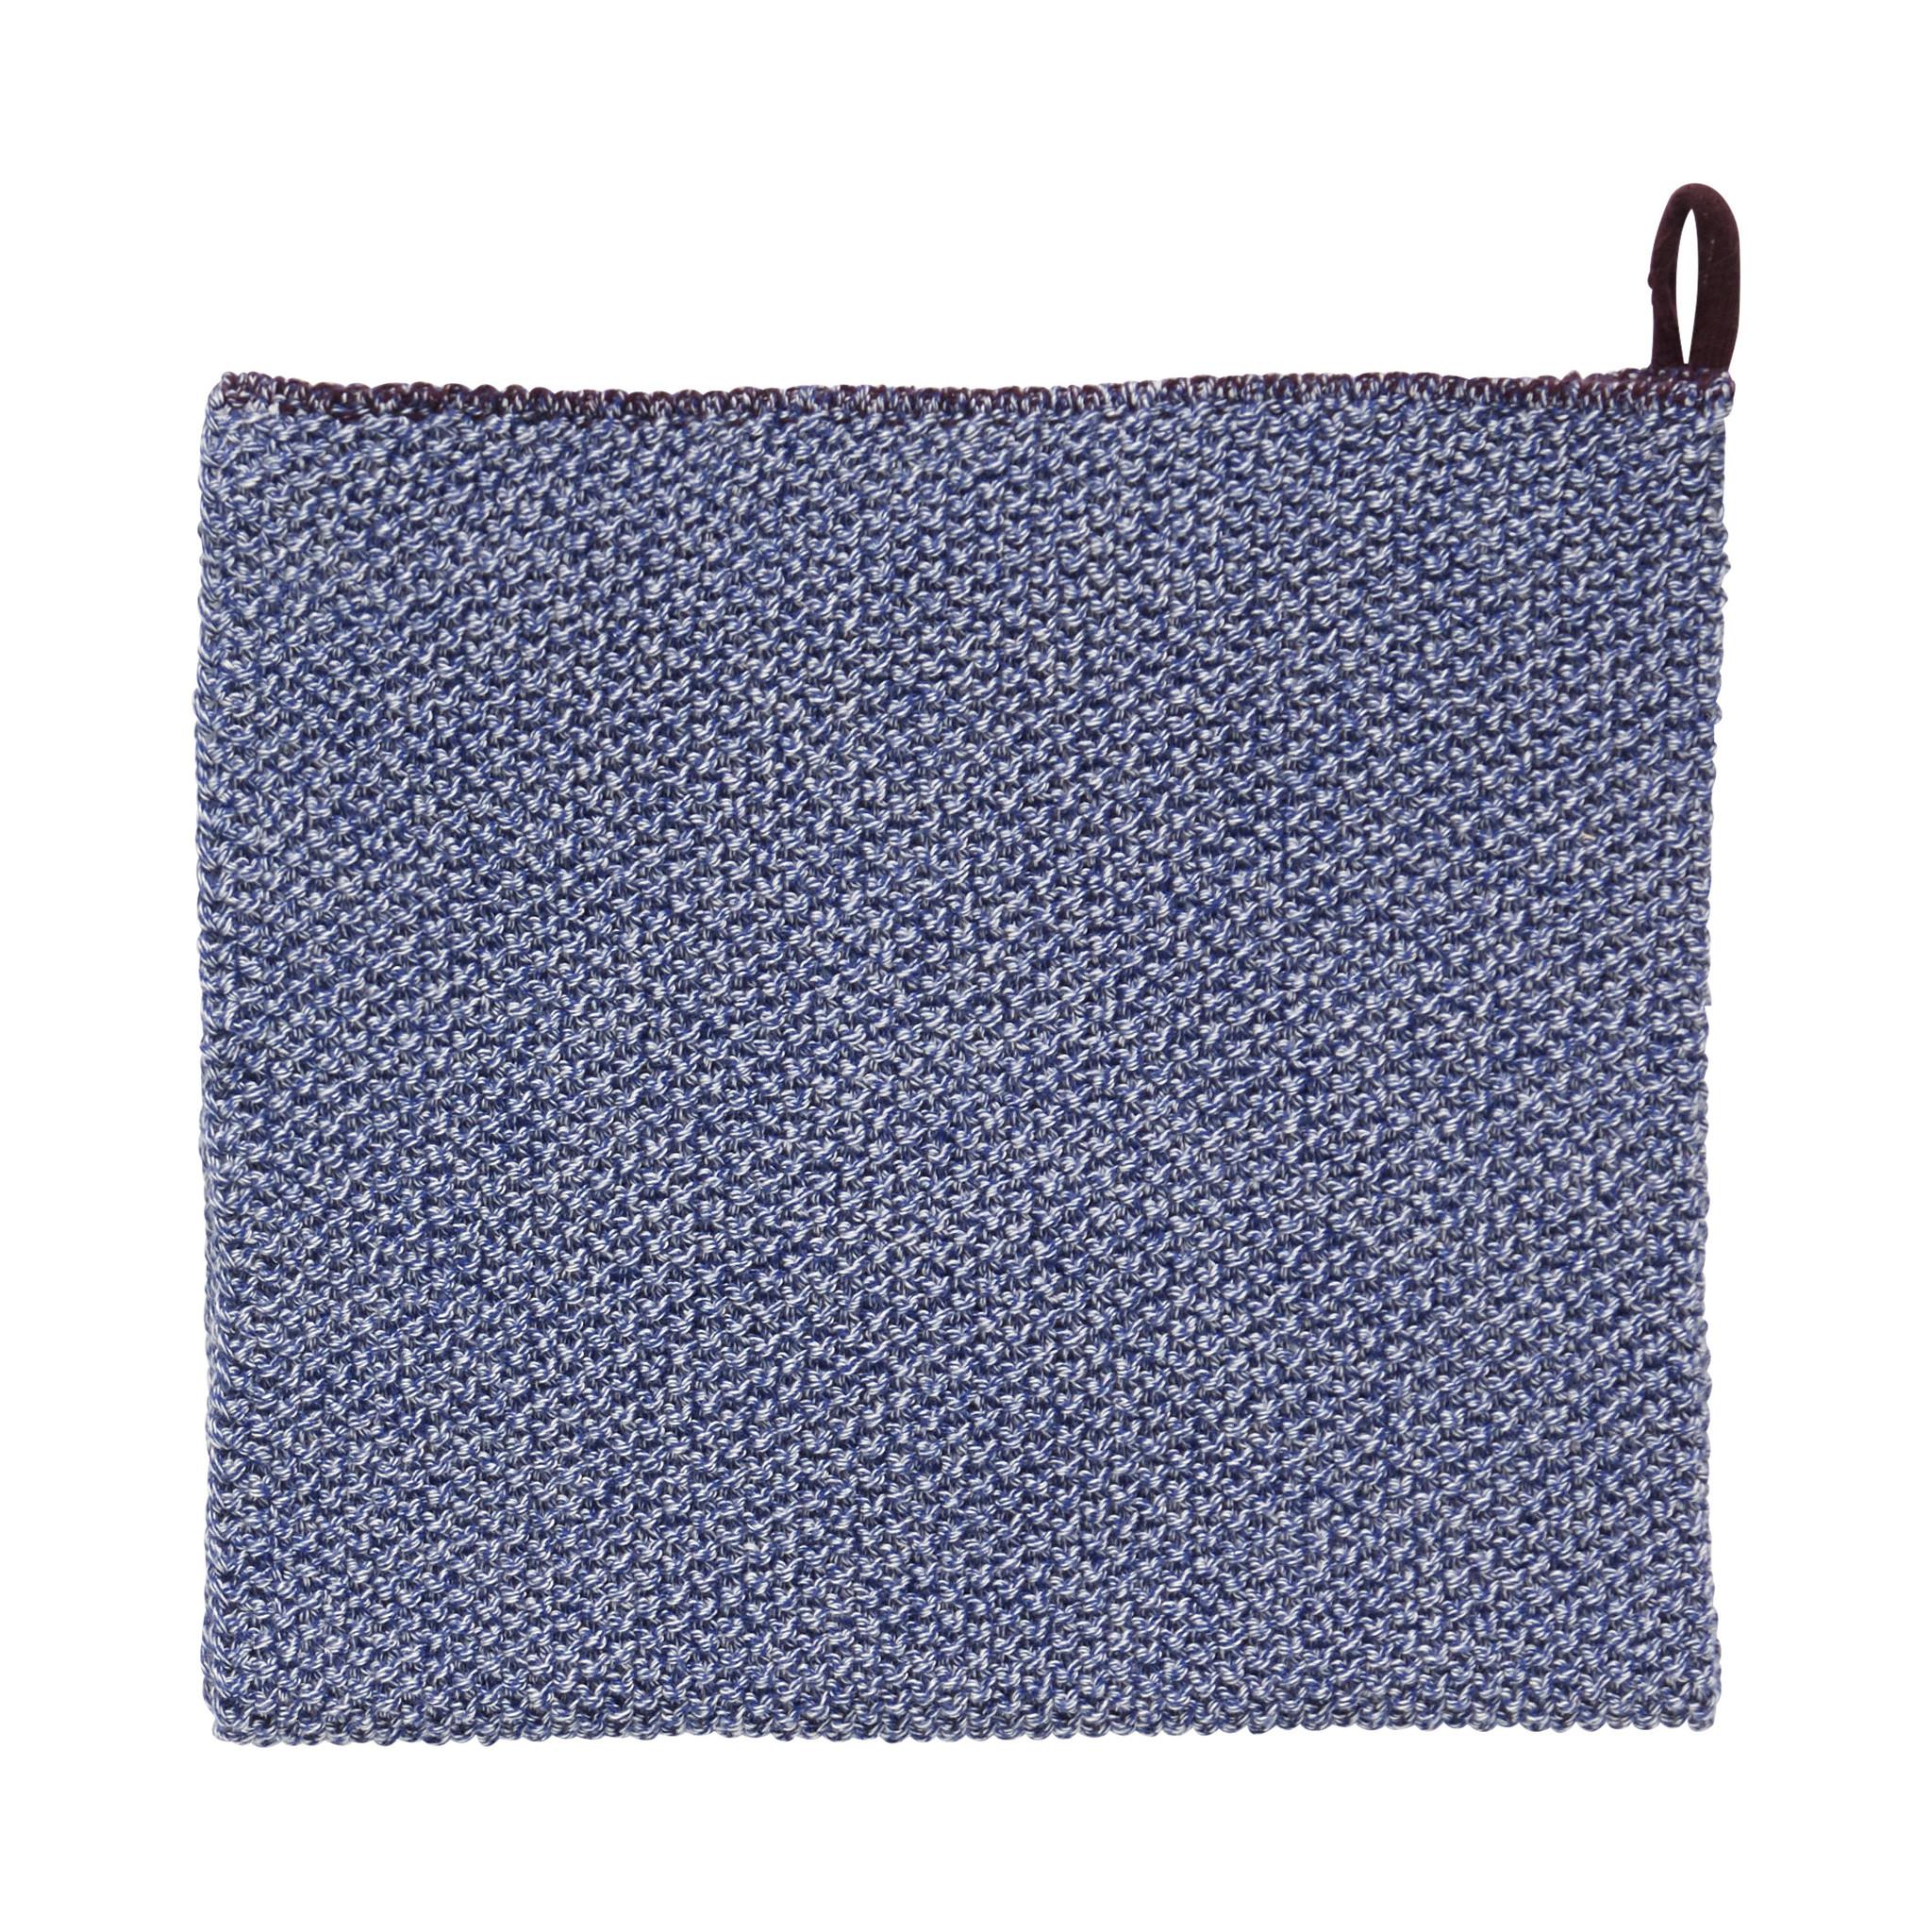 Hubsch Theedoek, blauw / wit / paars-220709-5712772067024